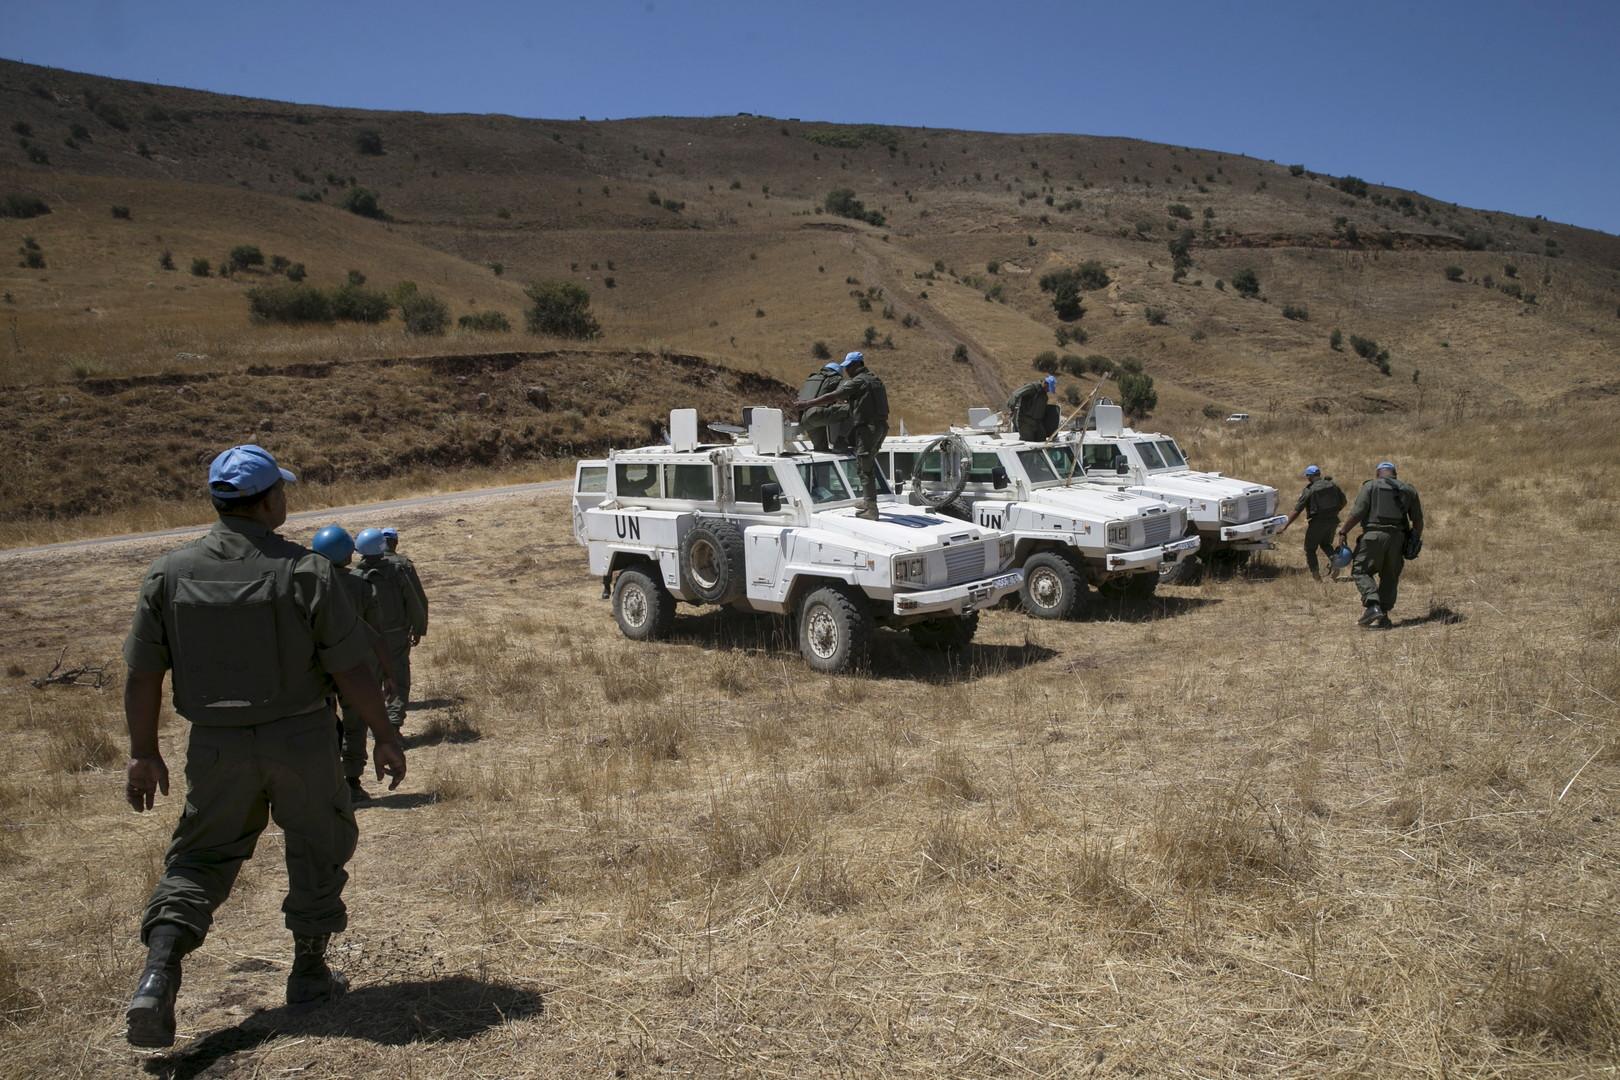 عناصر قوة الأمم امتحدة لمراقبة فض الاشتباك في مرتفعات الجولان